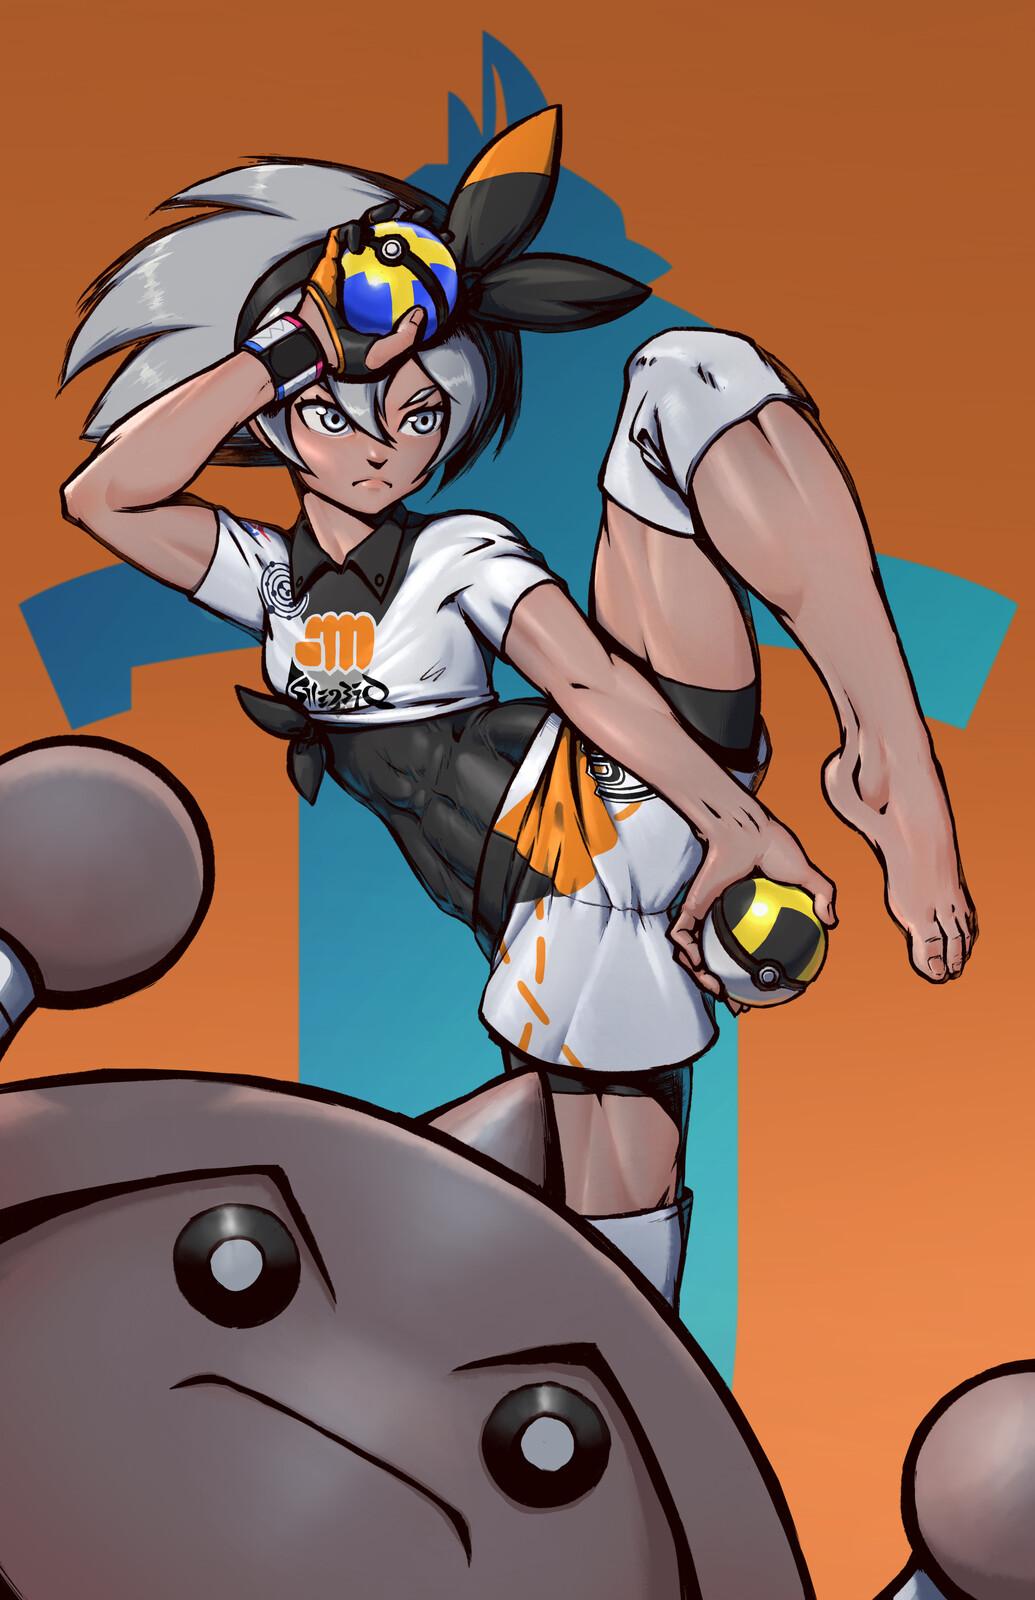 Fan Art: Bea / Saitou the Galar Fighting Pokémon Gym Leader